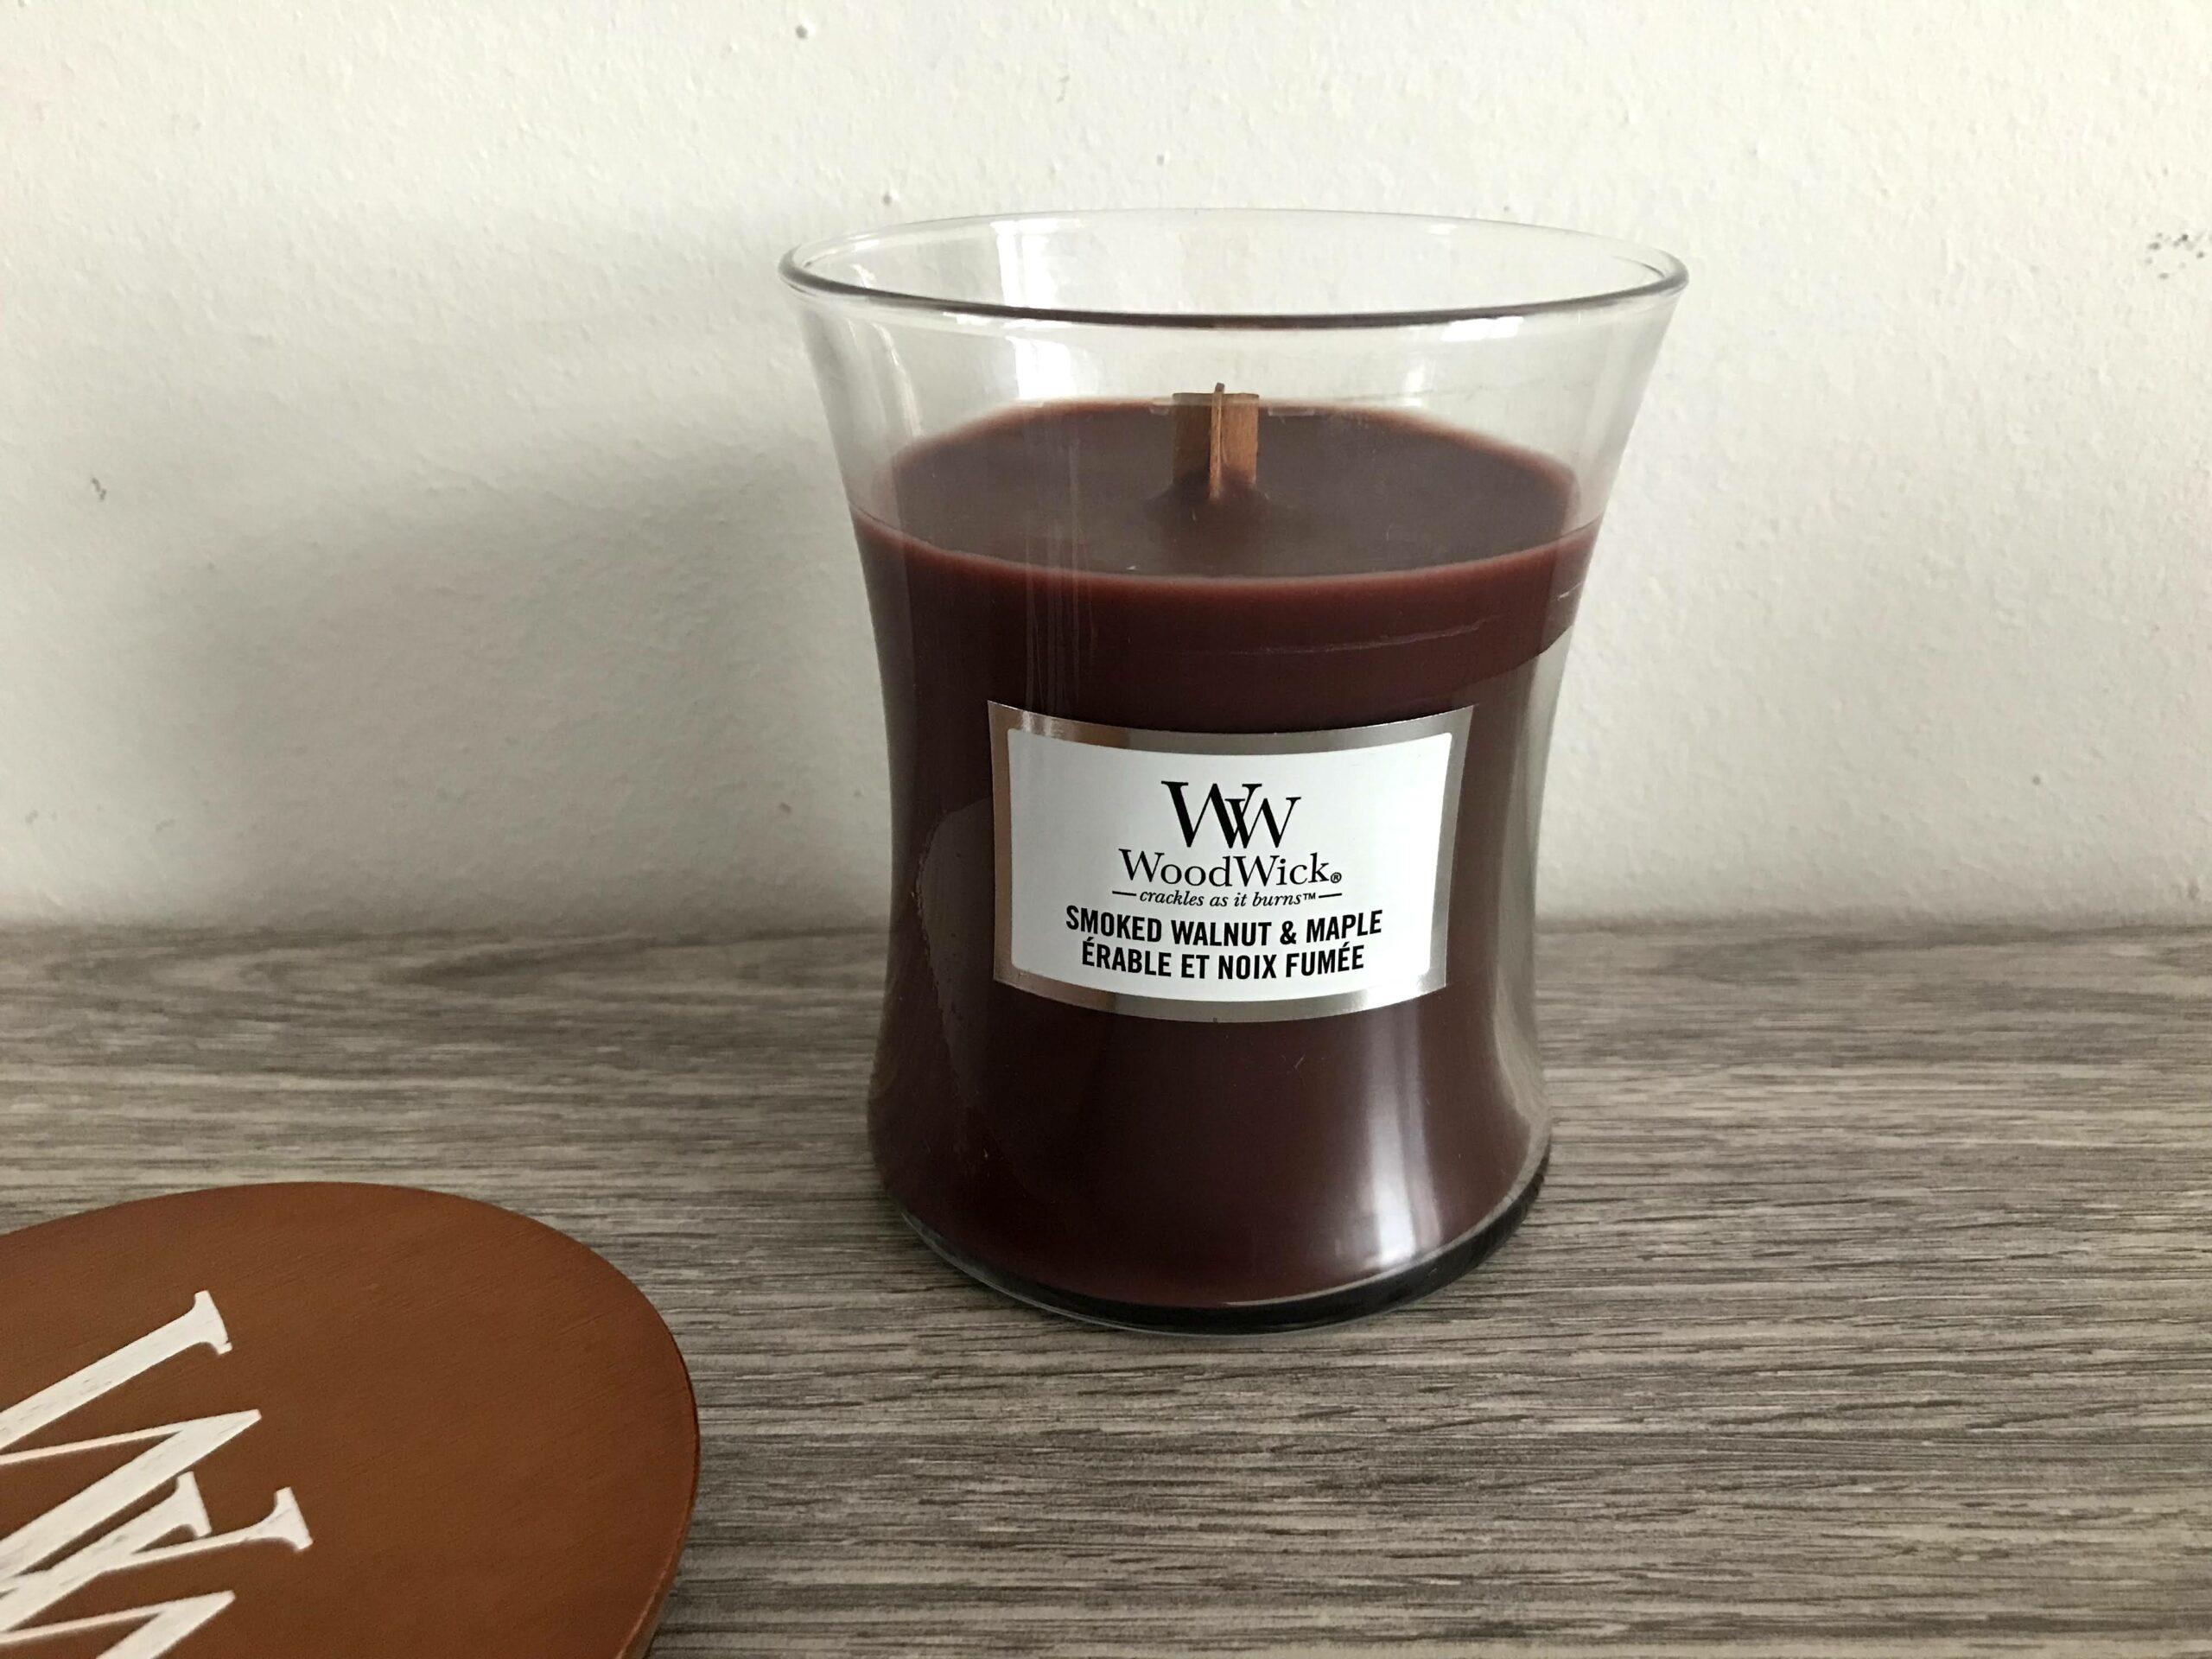 woodwick smoked walnut & maple